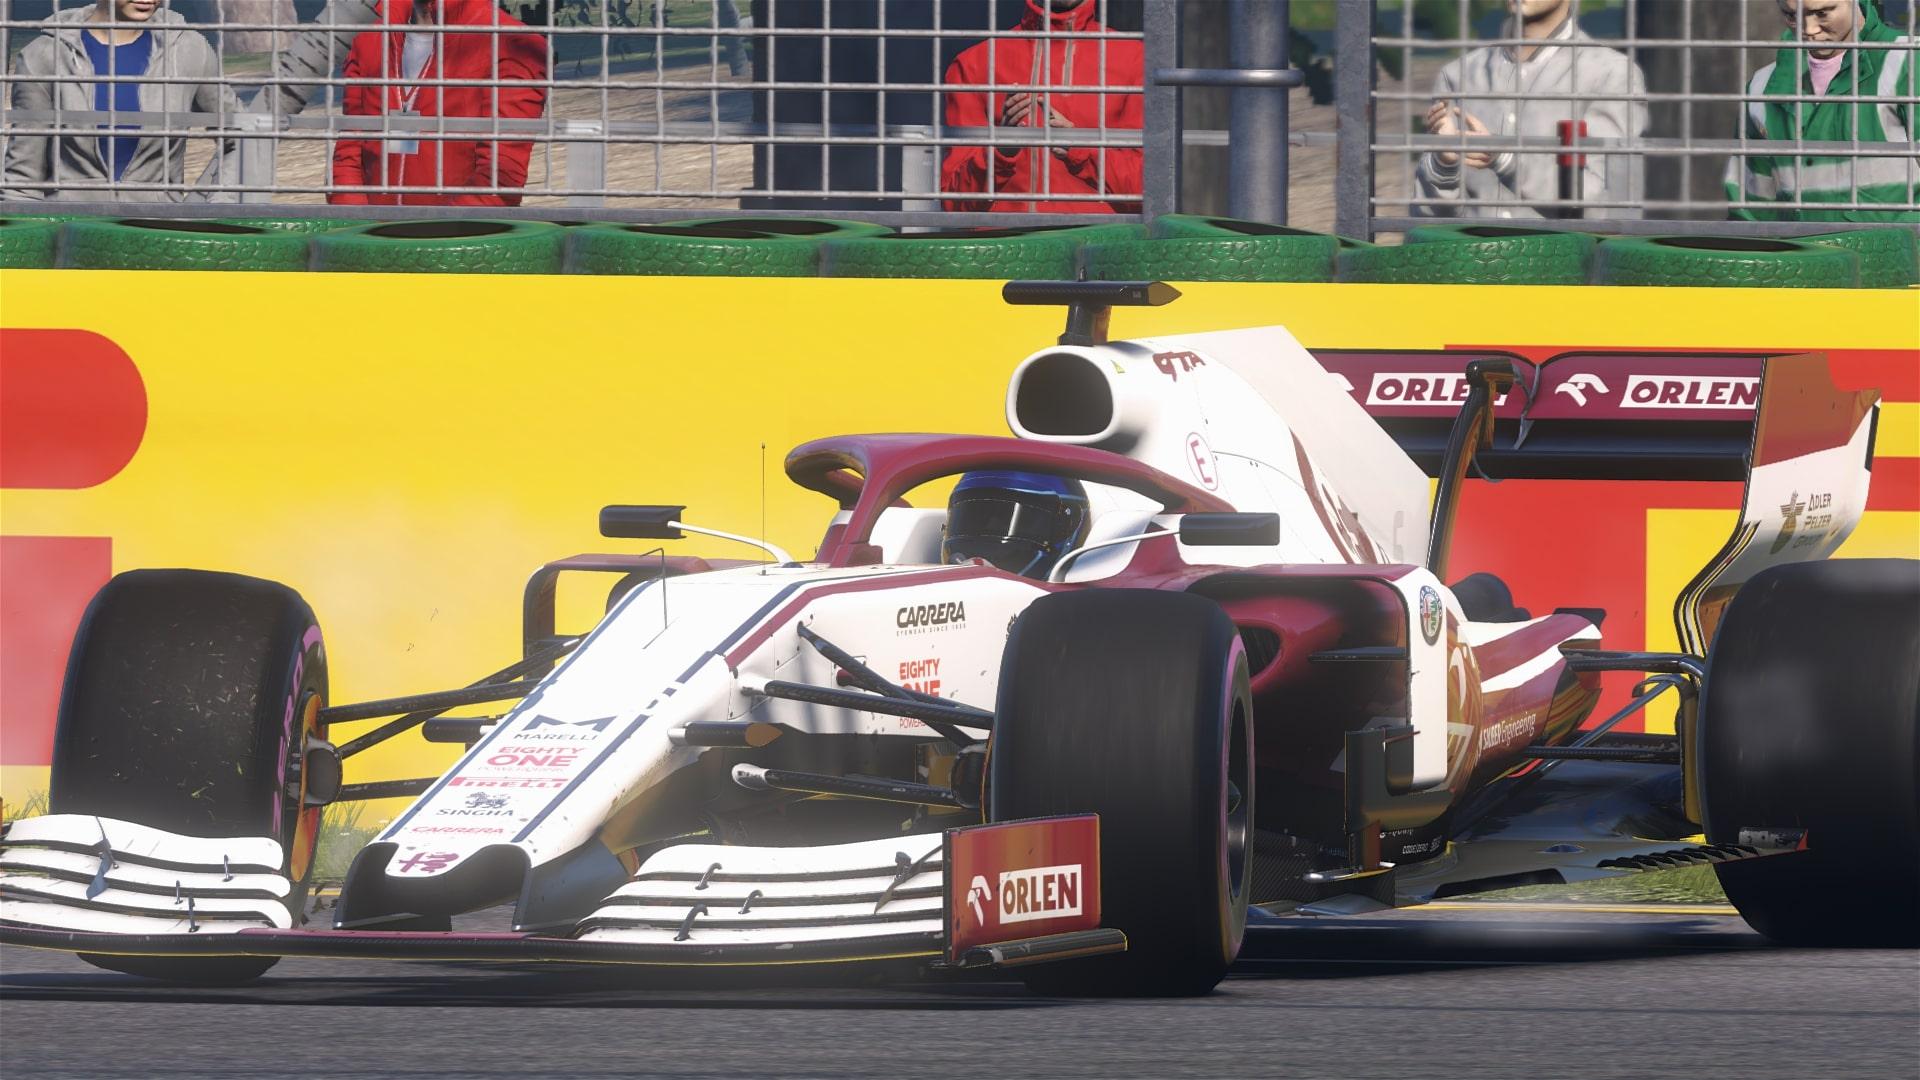 F1 2018 Screenshot 2021.04.22 - 17.11.56.90.jpg